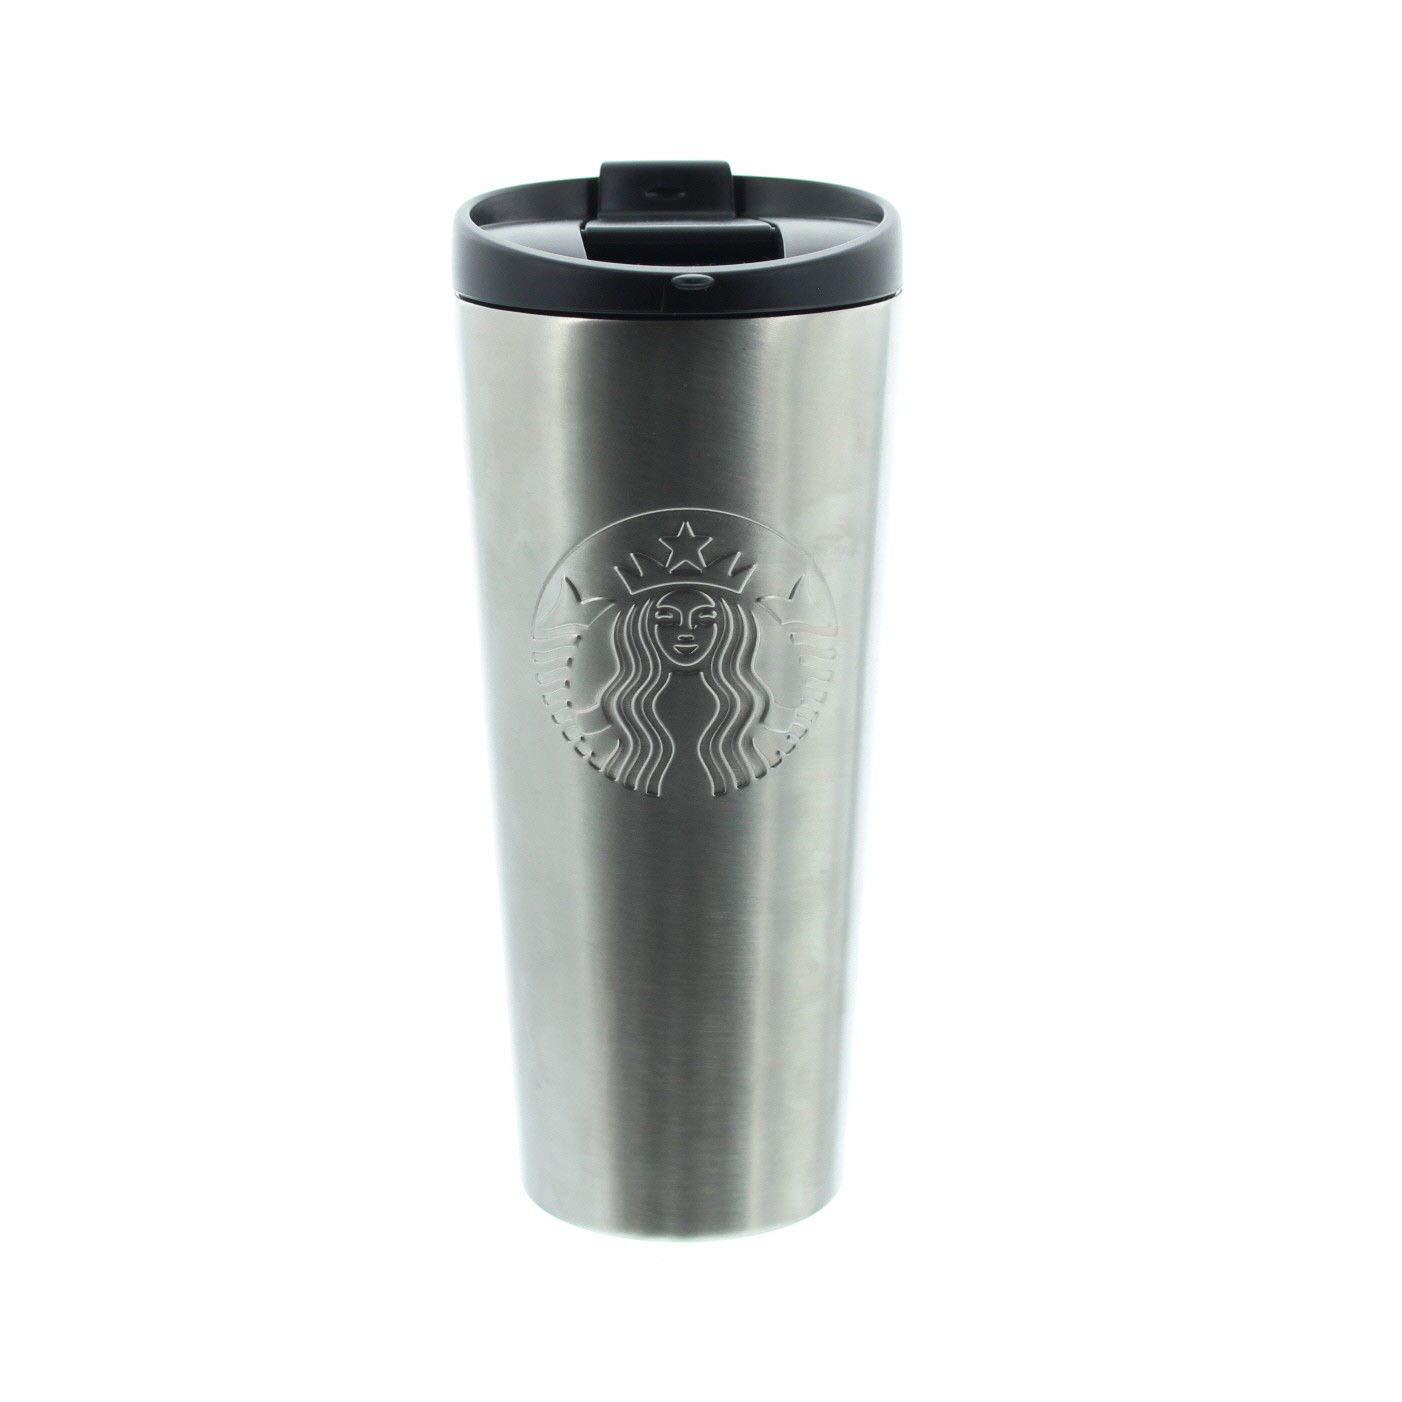 Starbucks Stainless Steel Tumbler 16 oz by Starbucks